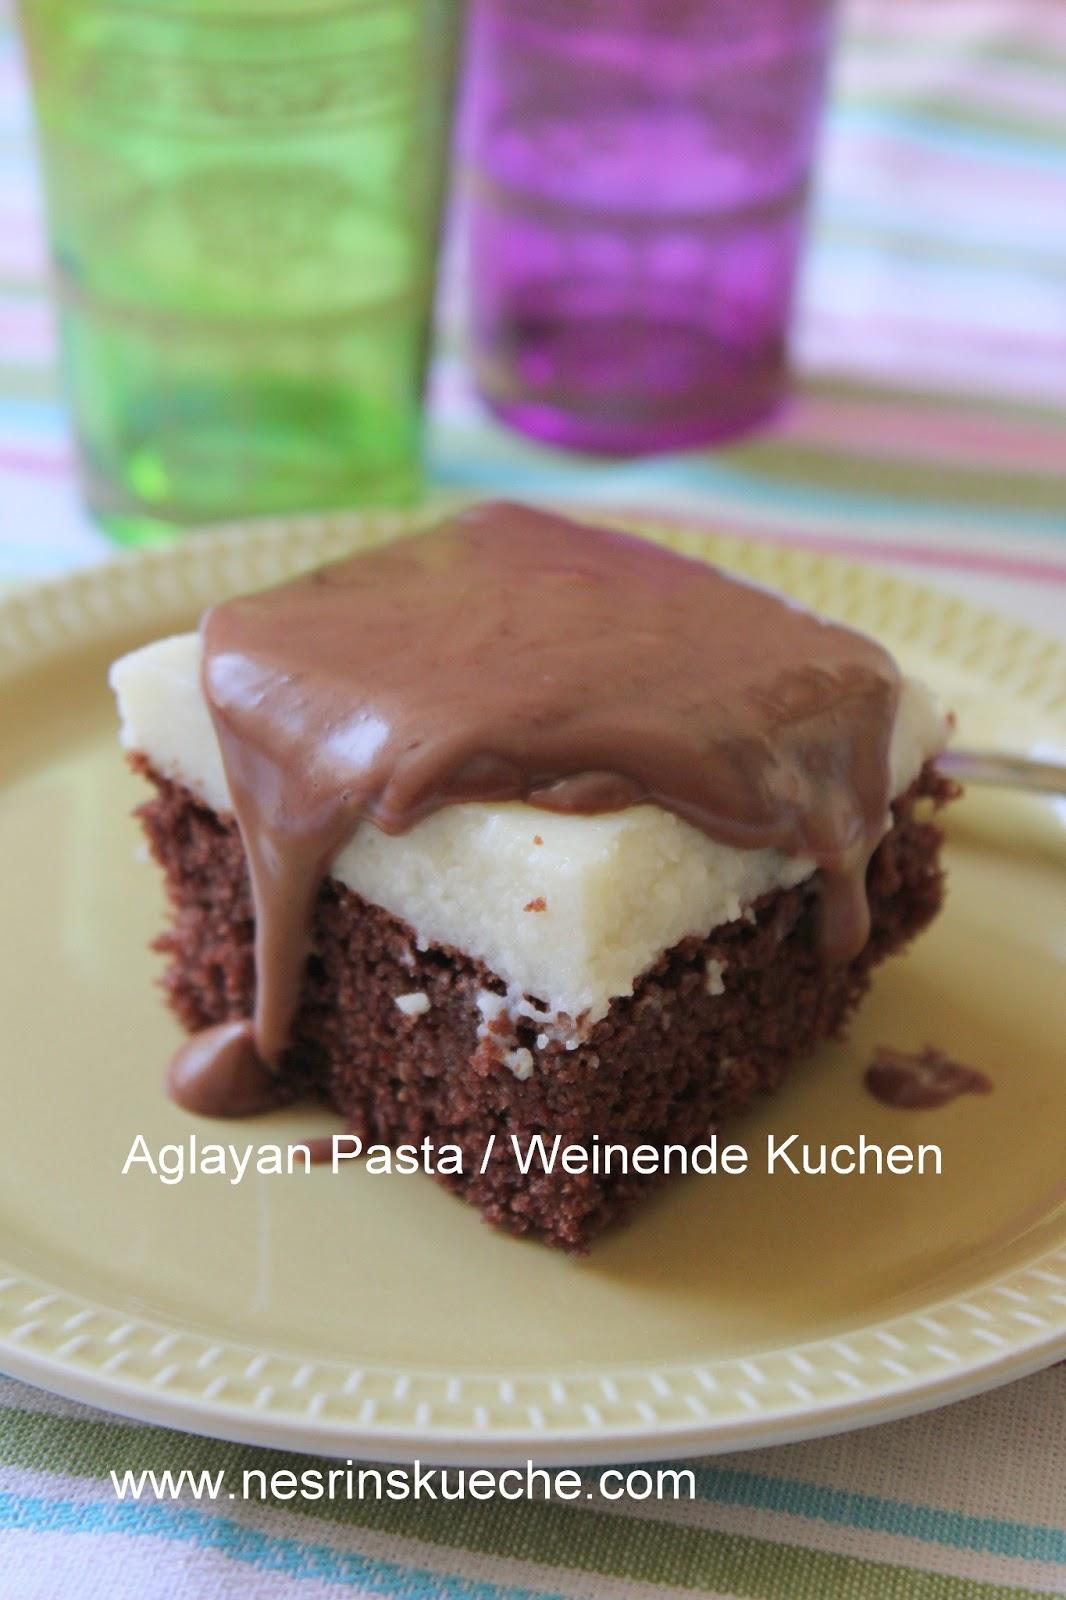 Nesrin S Kuche Aglayan Pasta Weinende Kuchen